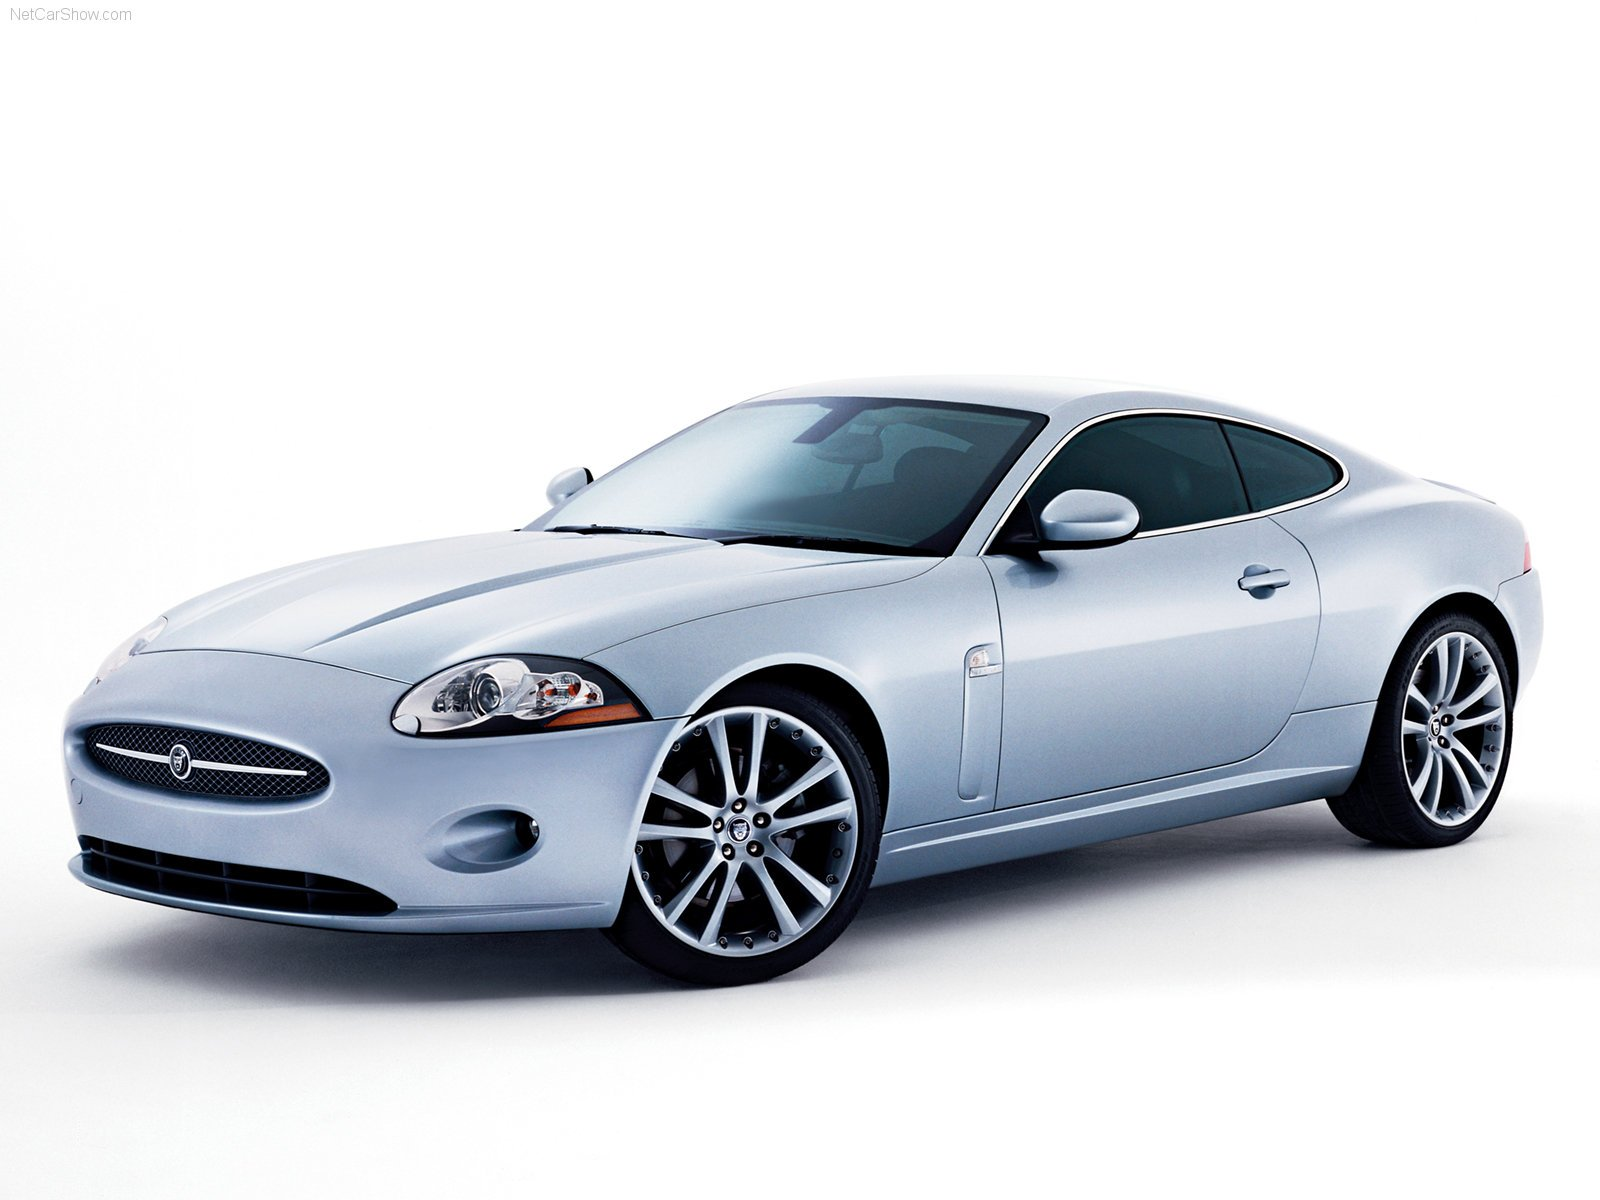 jaguar car clipart #7